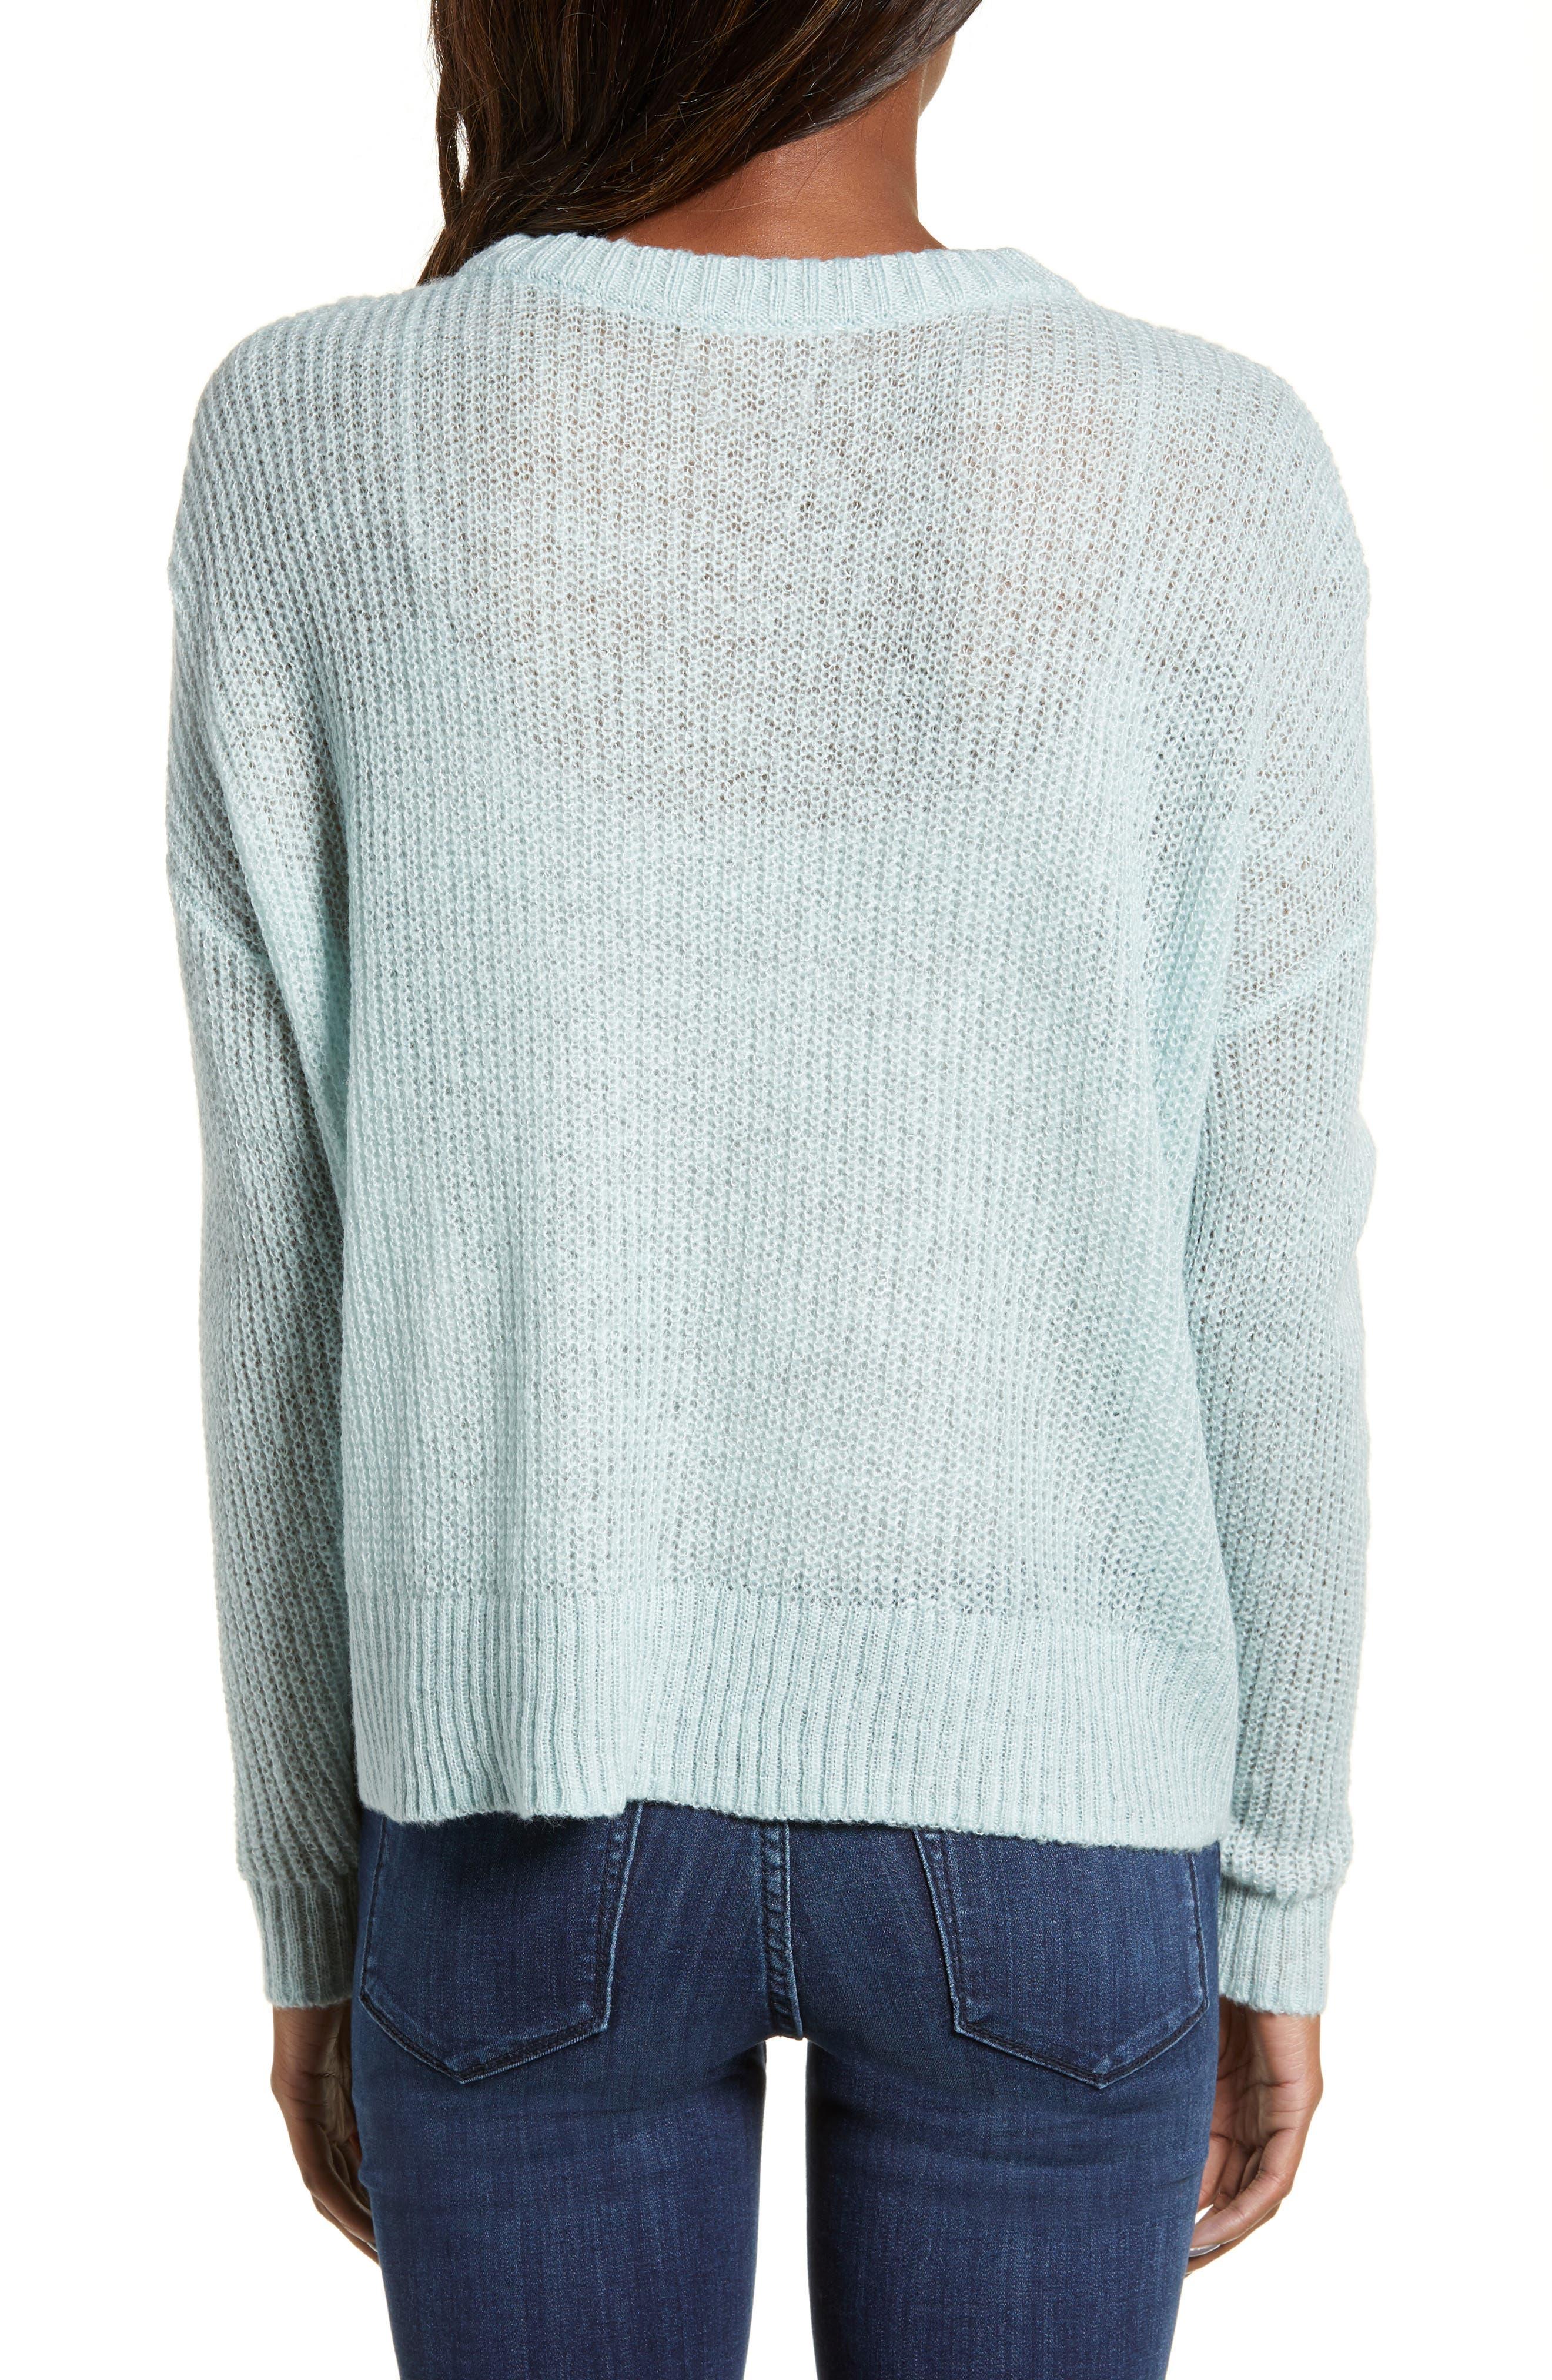 BP., Pointelle Stitch Sweater, Alternate thumbnail 3, color, BLUE CLOUD